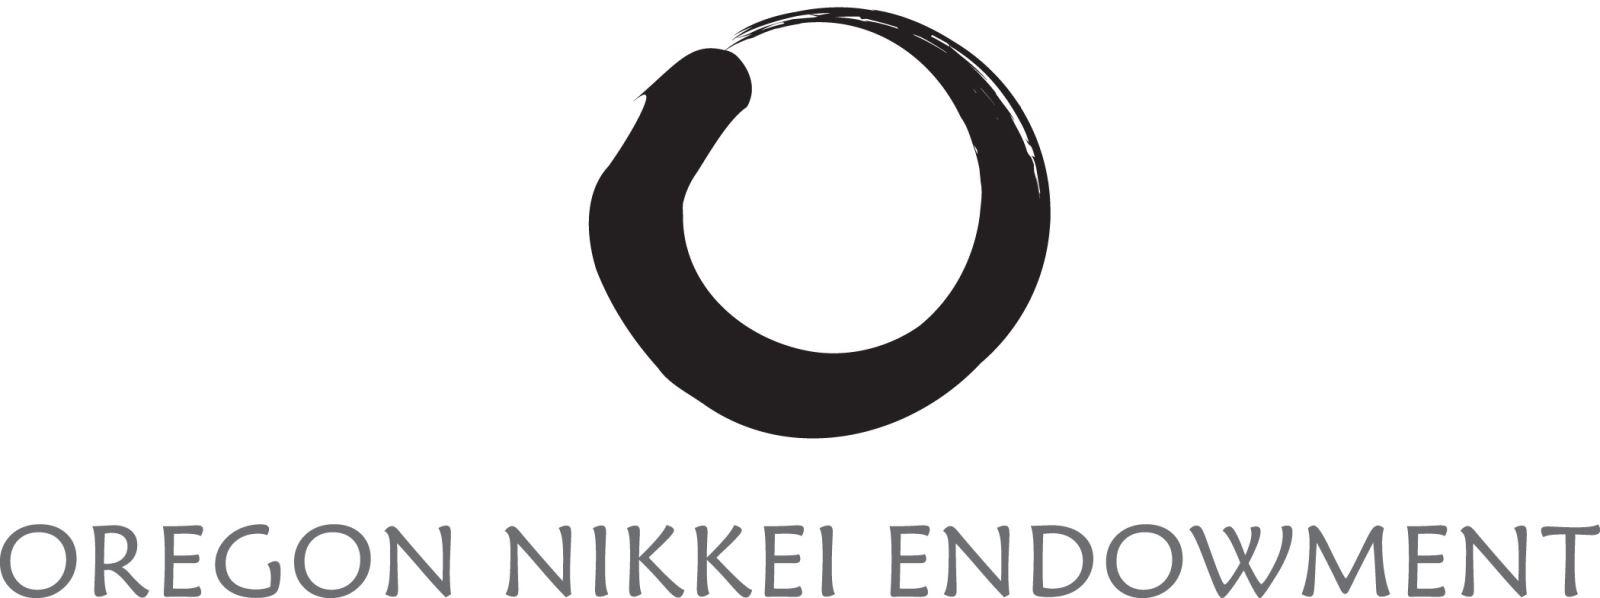 Oregon Nikkei Endowment